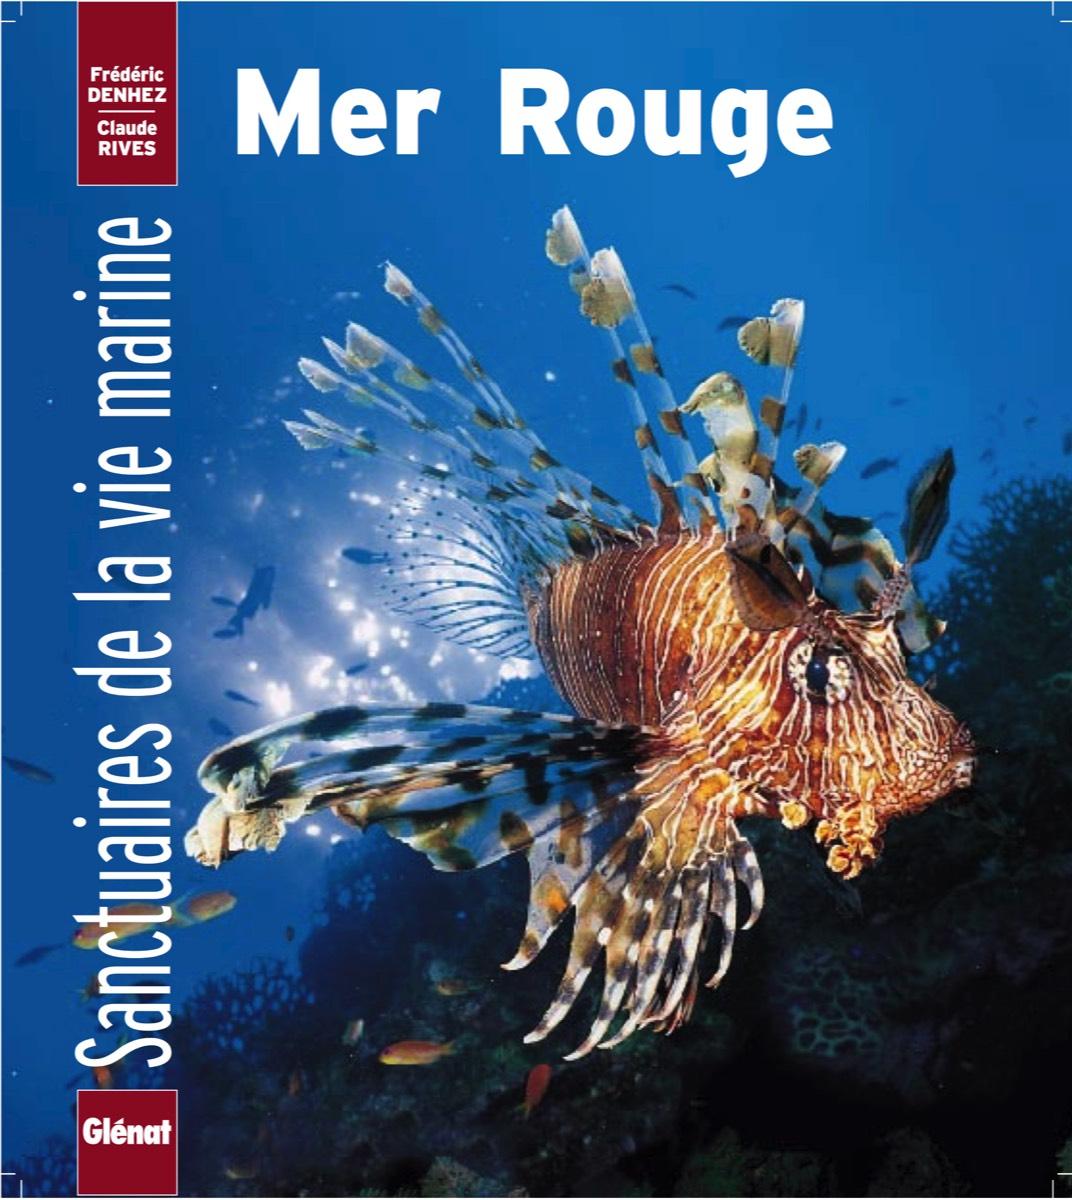 Mer Rouge, sanctuaires de la vie marine